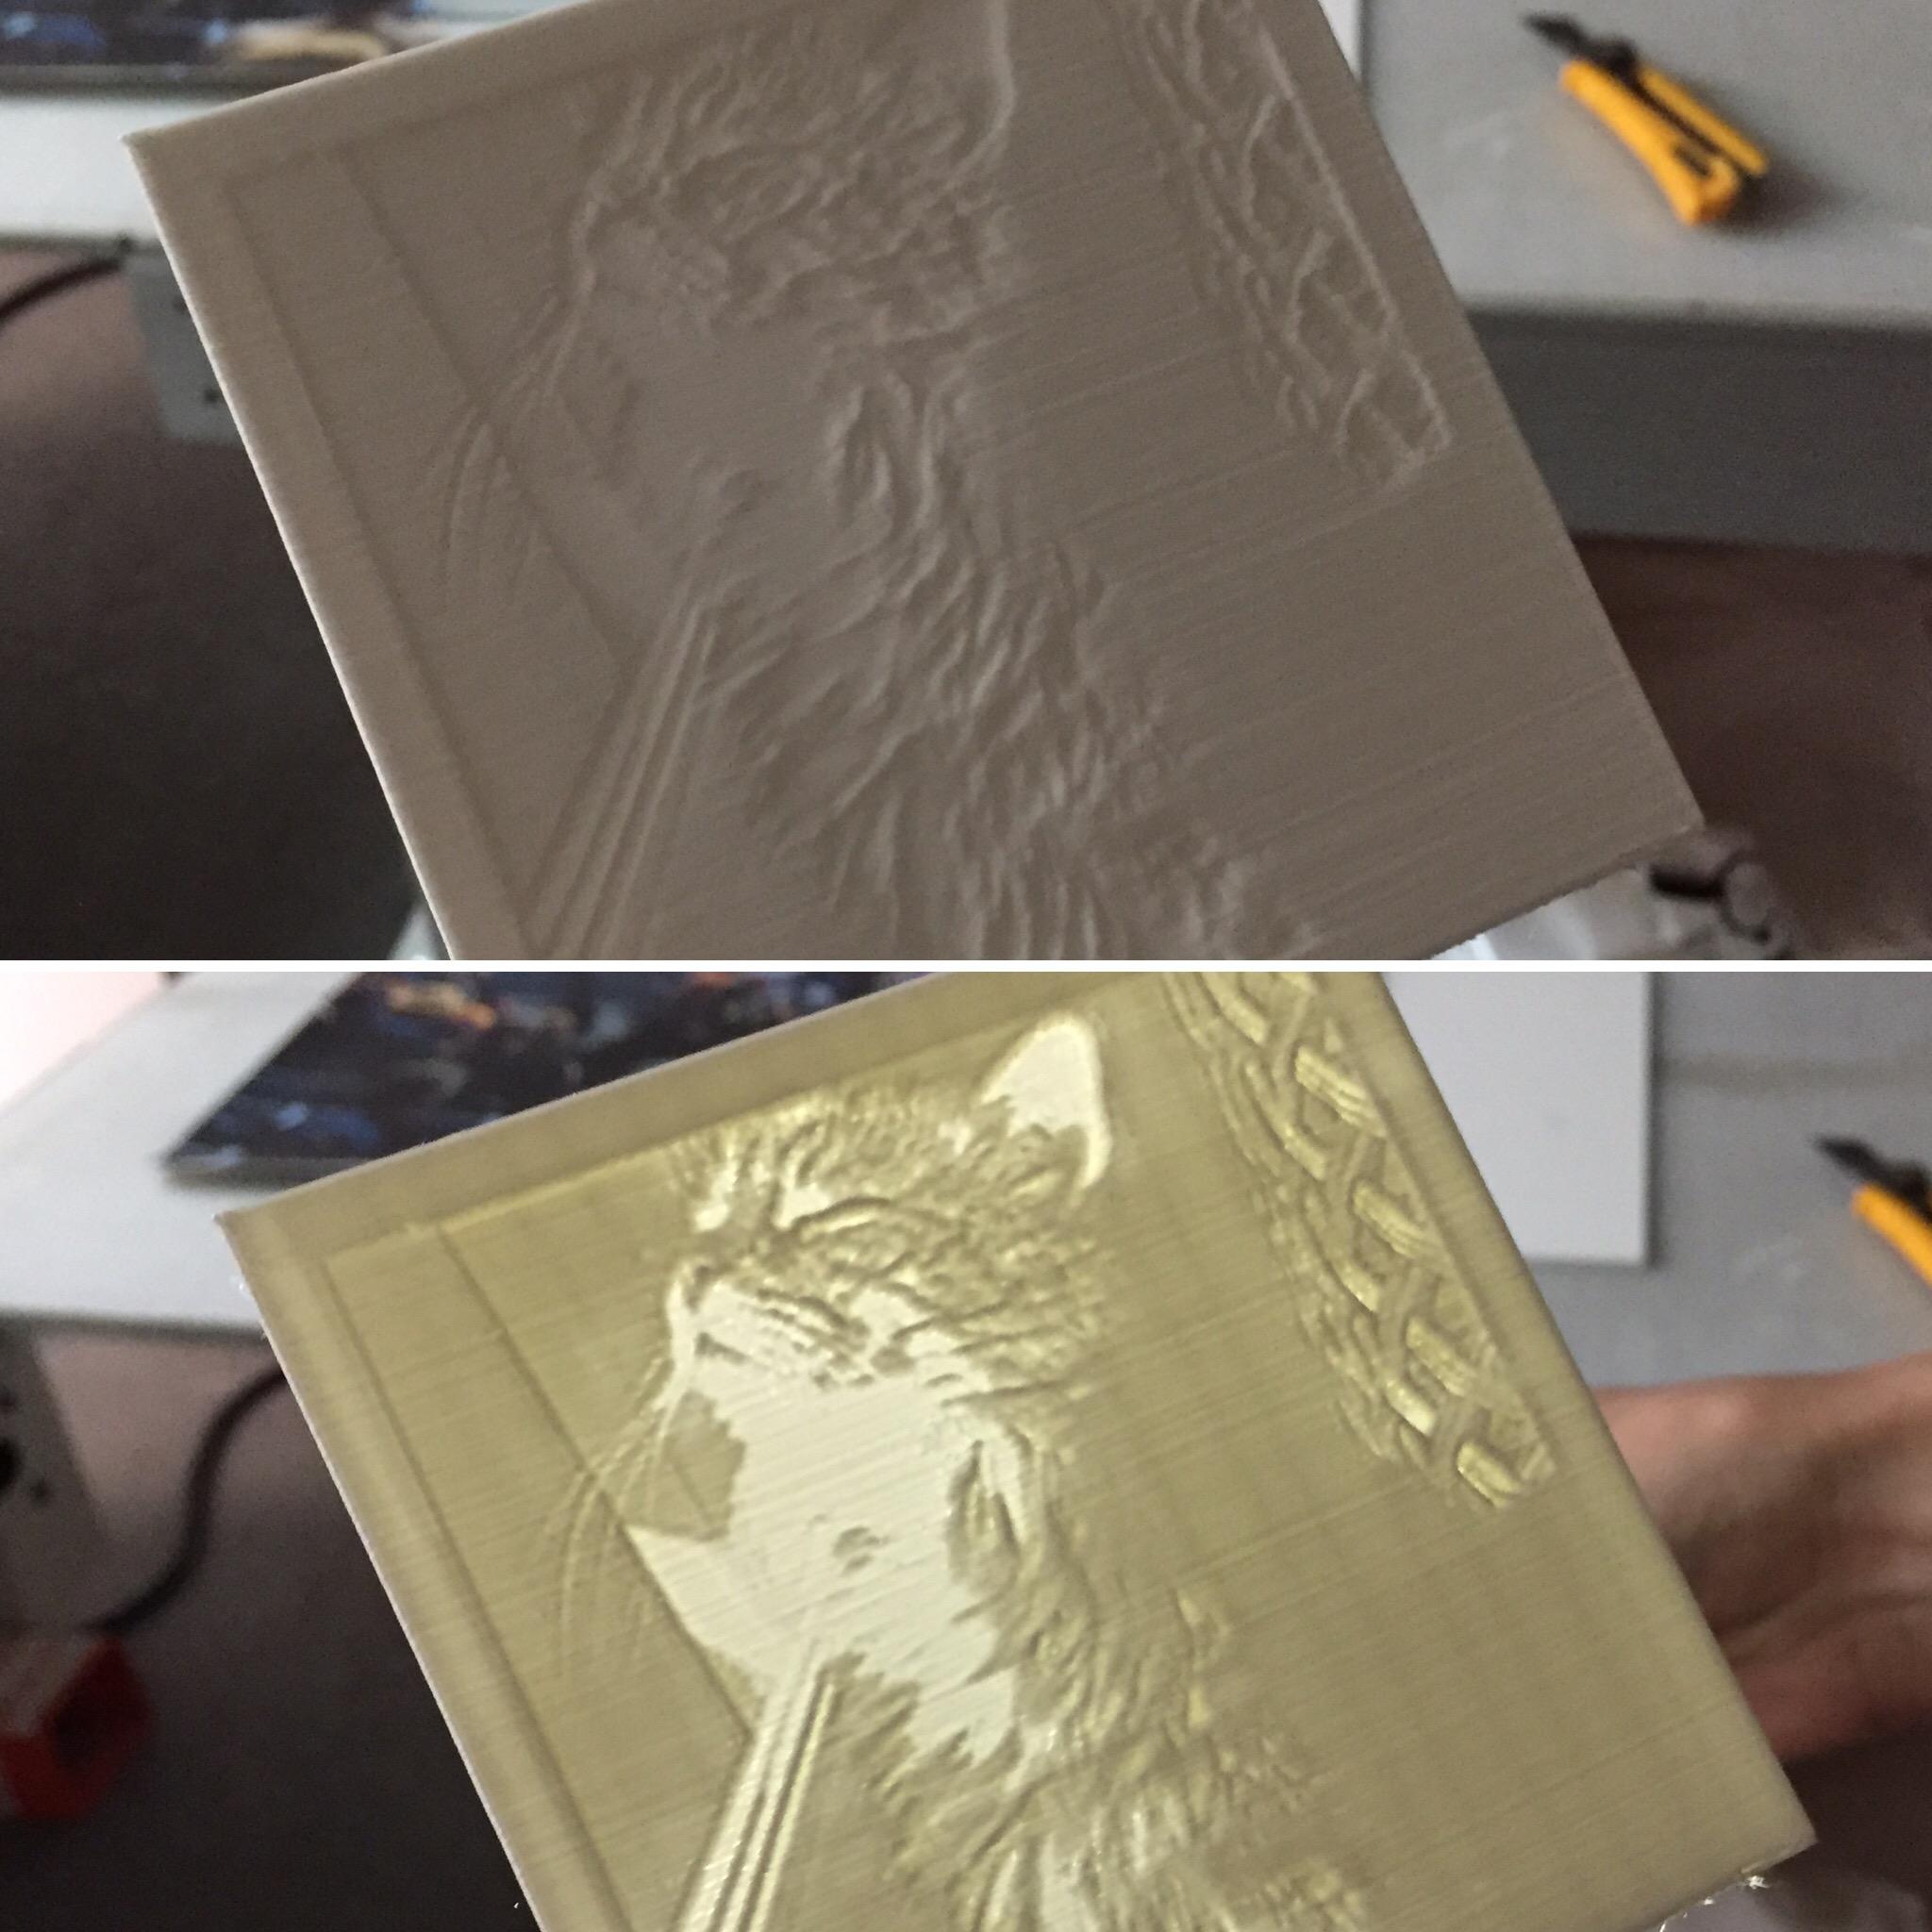 3D Printed Art